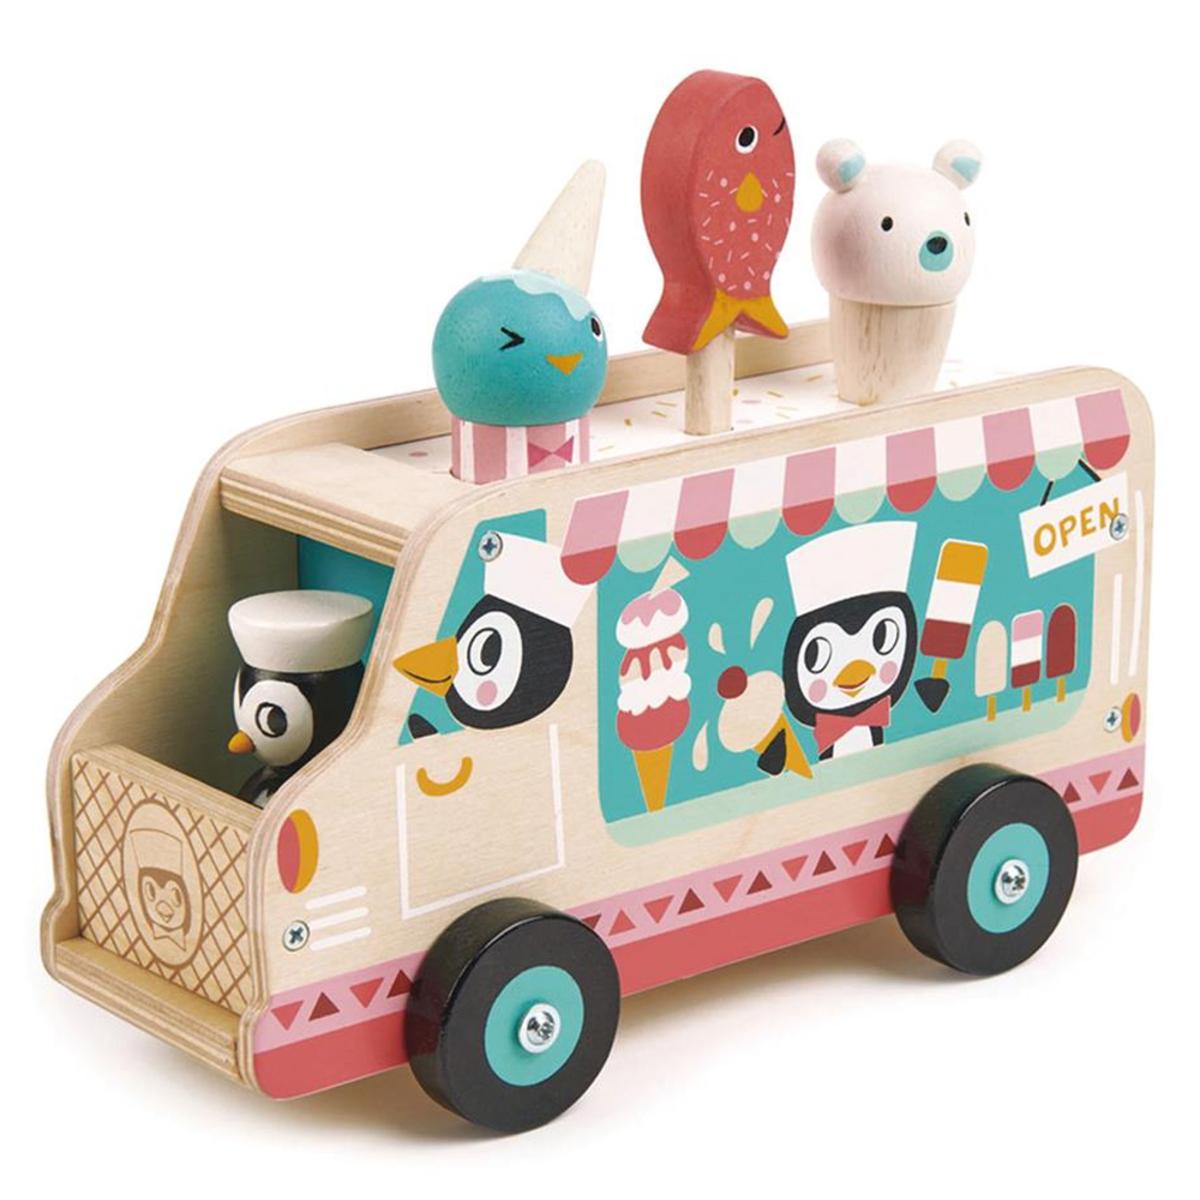 Mes premiers jouets Le Chariot de Crème Glacée des Pingouins Le Chariot de Crème Glacée des Pingouins